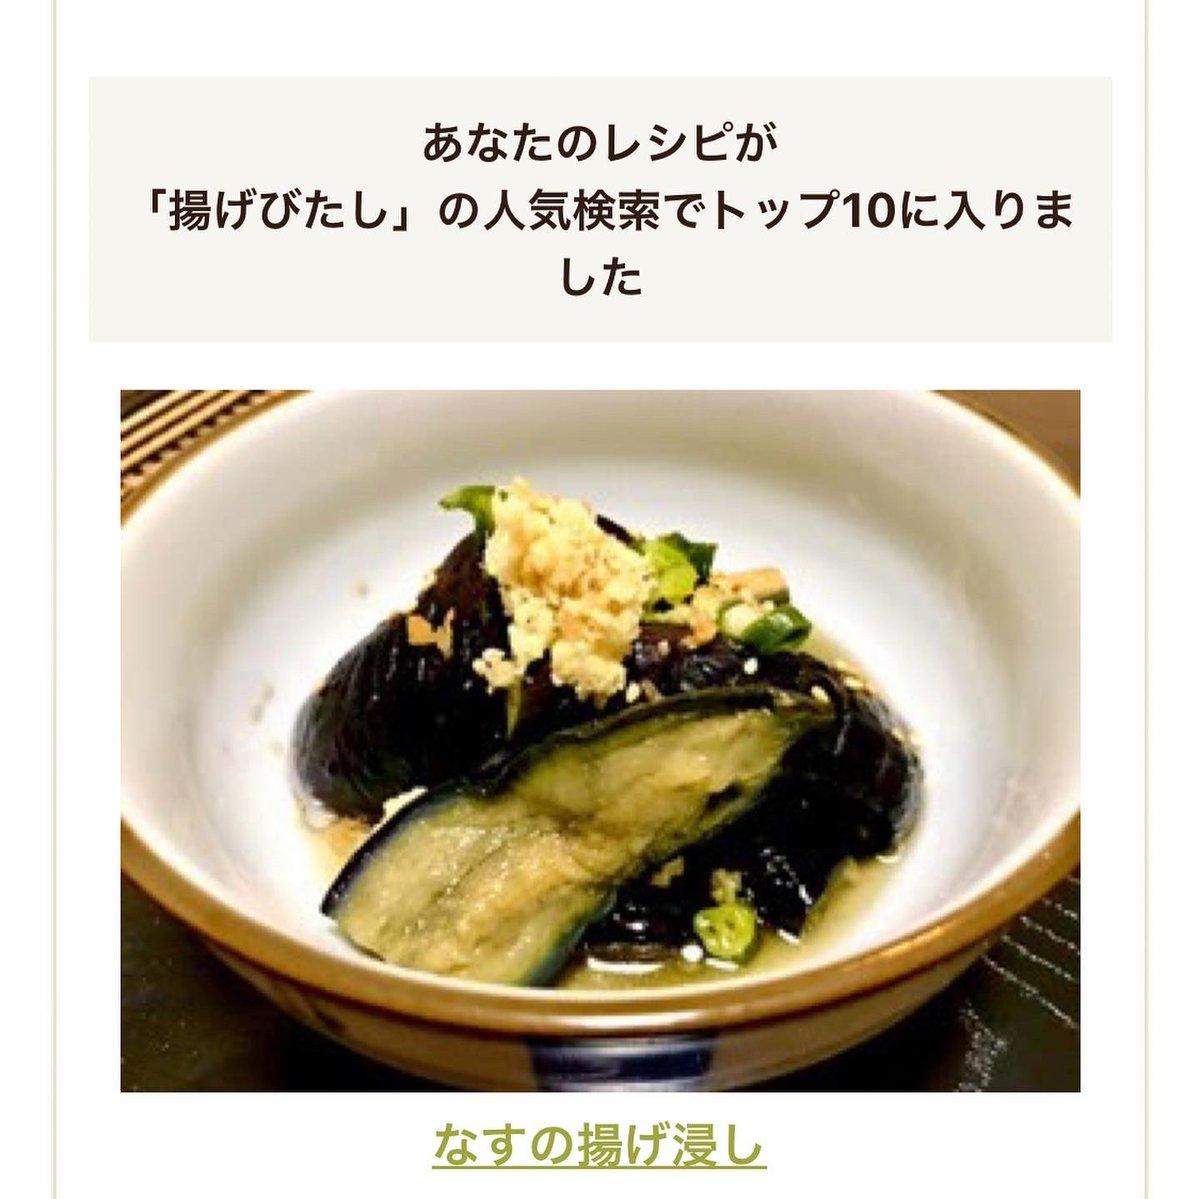 なんと、クックパッドで人気ランキングに載りました!レシピ#cooking #recipe #japanesefood #cookpad #料理 #料理男子 #和食 #クックパッド